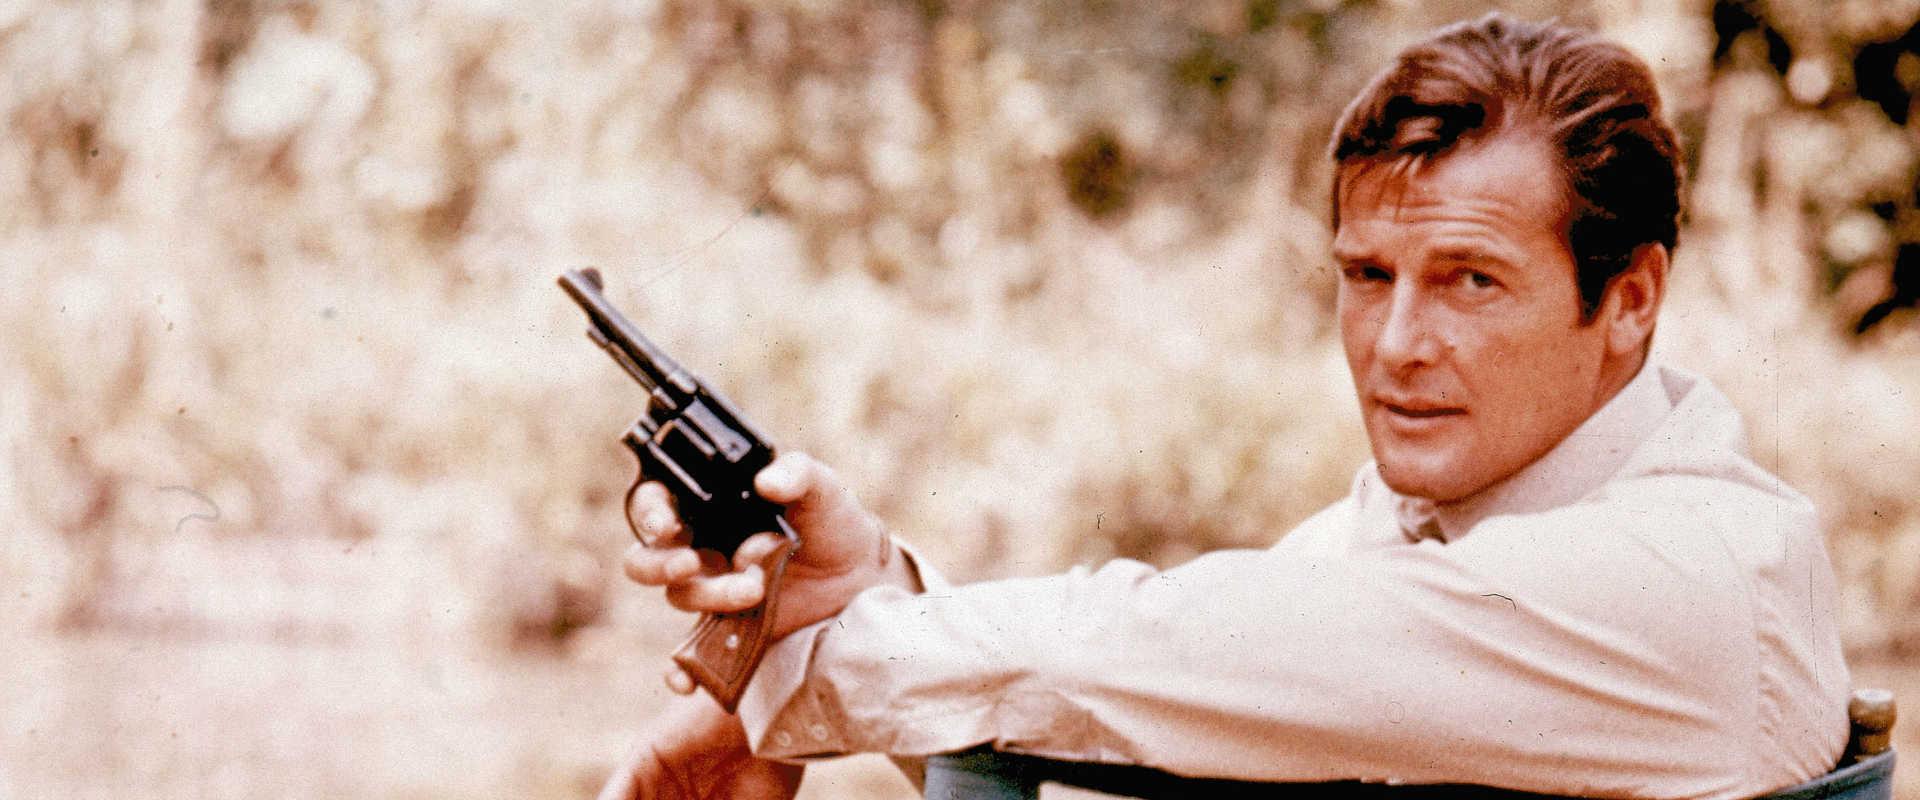 רוג'ר מור על סט הצילומים, 1972